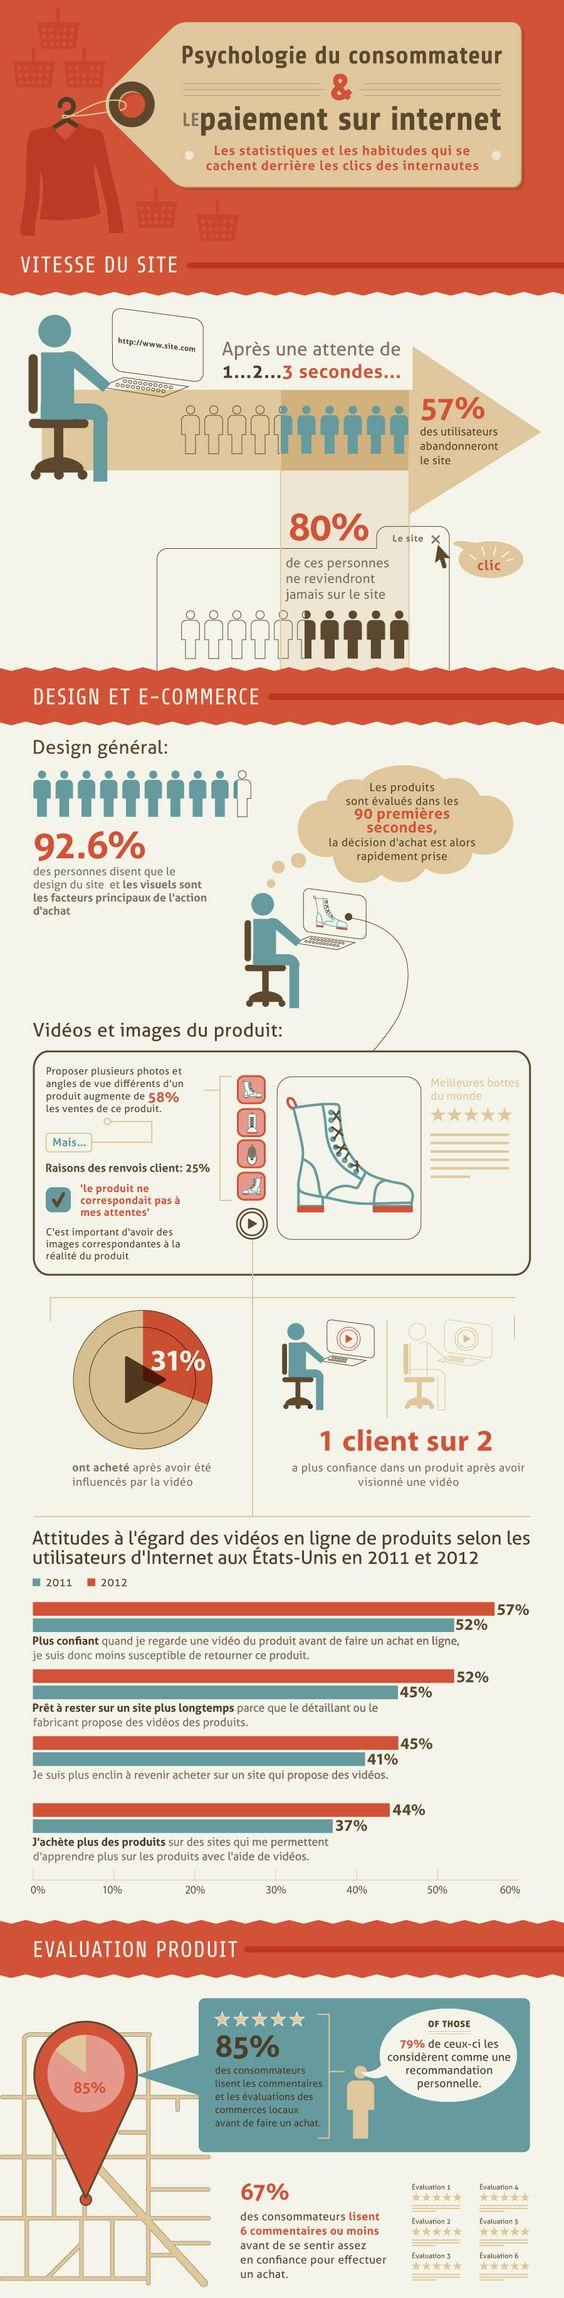 Infographie Le Paiement en ligne et comportements consommateur- Monsieur Commerce Conseils TPE-PME